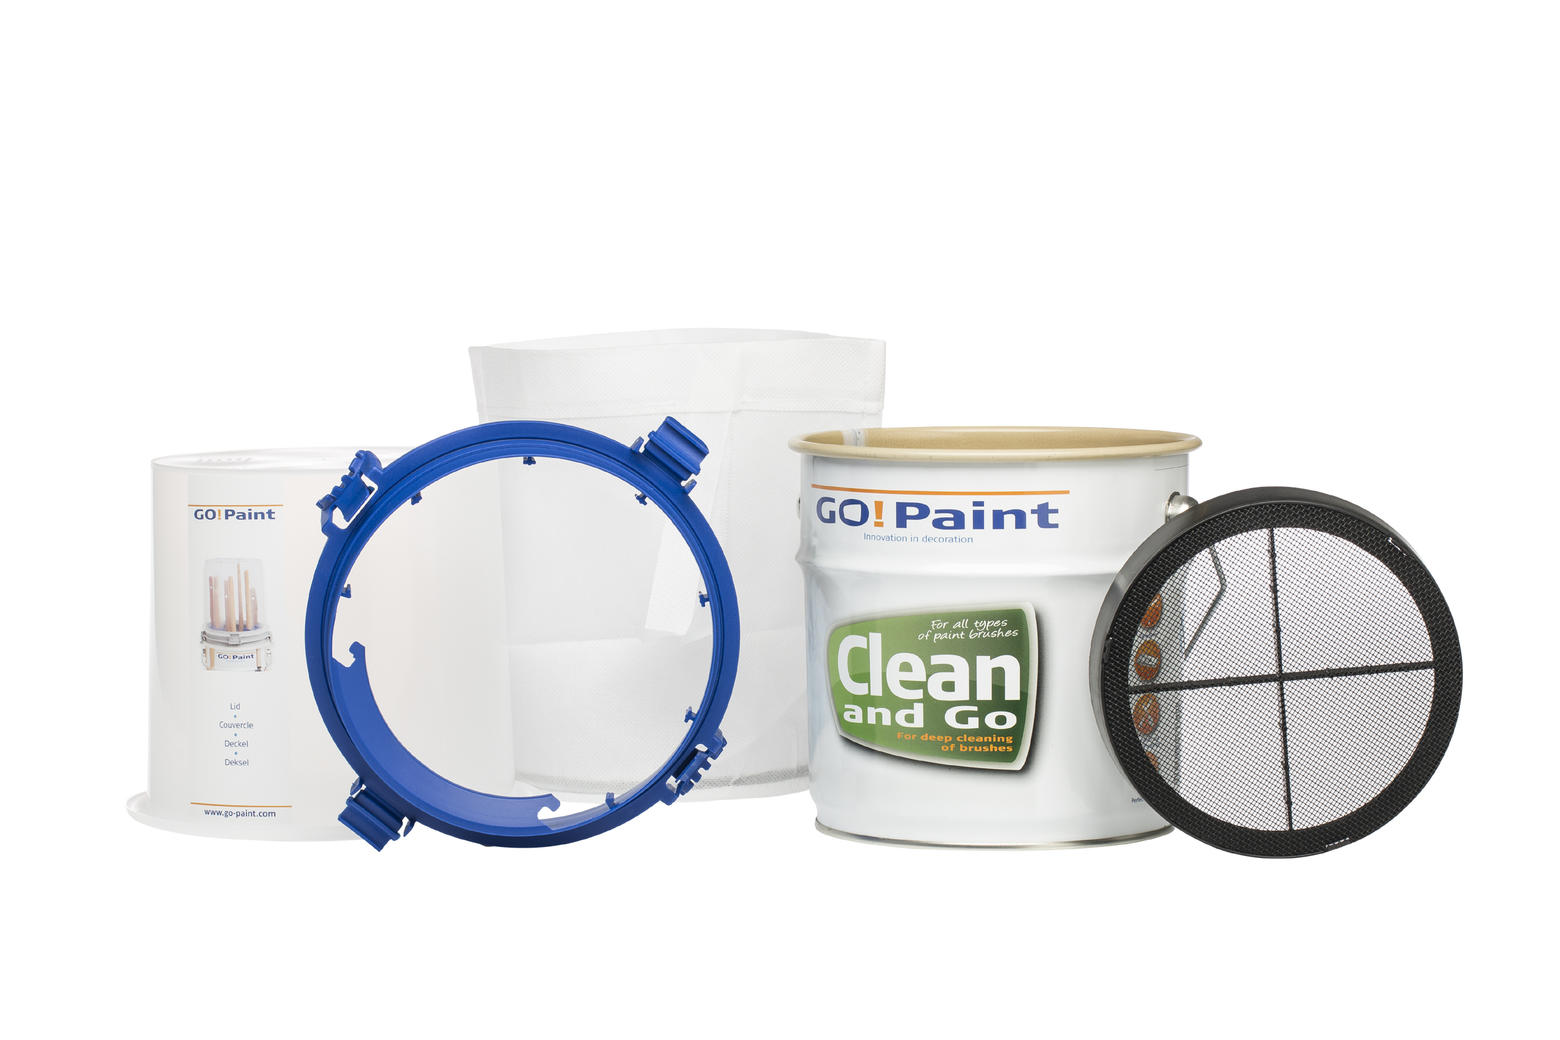 À moins d'utiliser Clean and Go, un sac filtrant muni d'une grille fine métallique